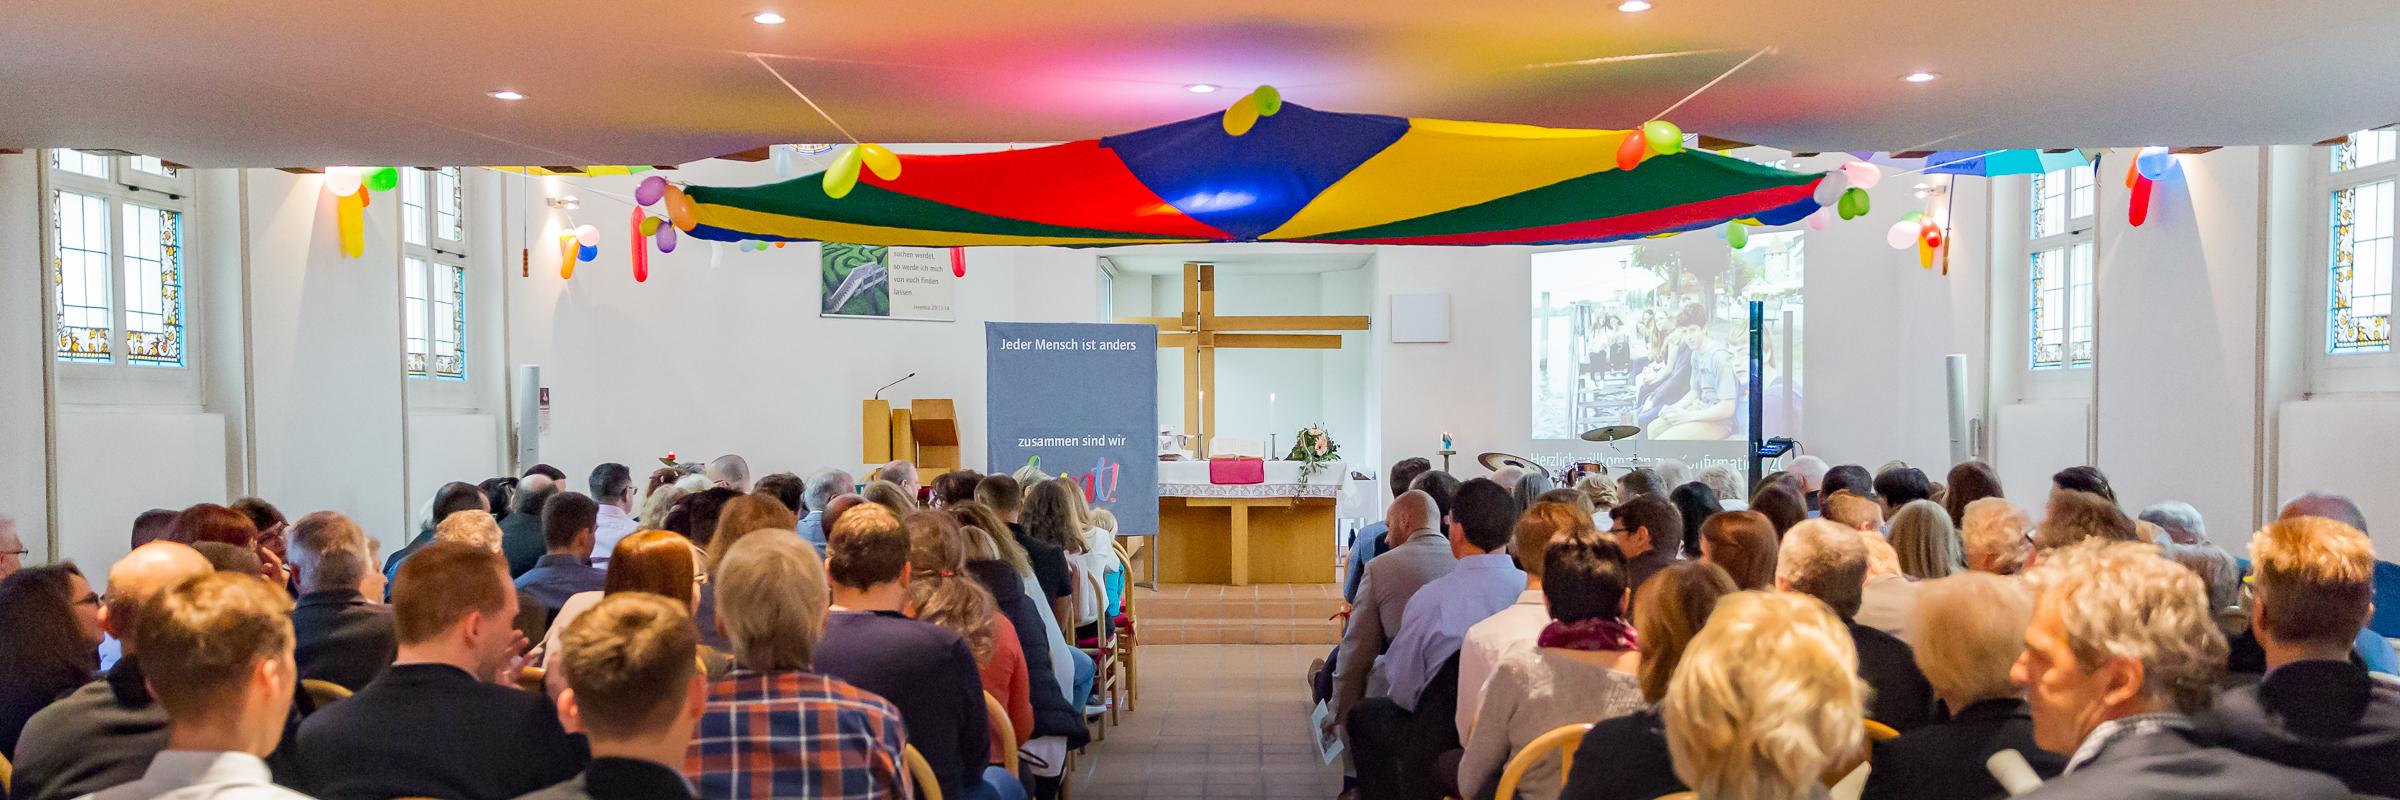 Gottesdienst in der Reformierten Kirche mittleres Fricktal